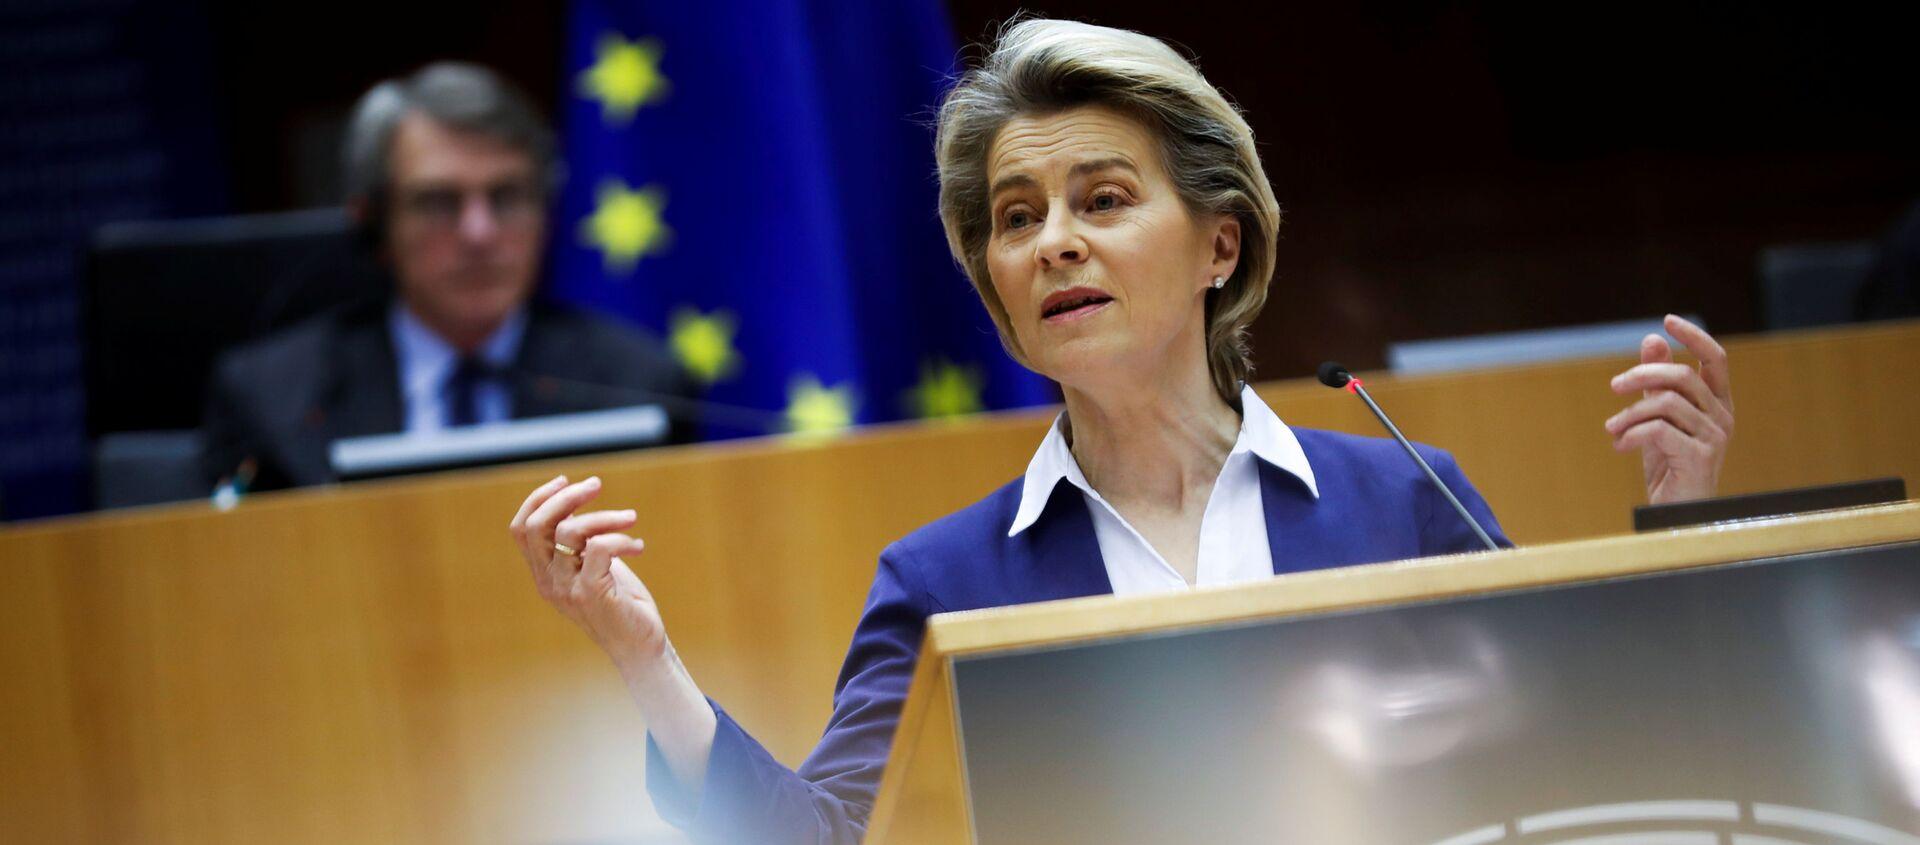 La presidente della Commissione Europea, Ursula von der Leyen - Sputnik Italia, 1920, 05.02.2021